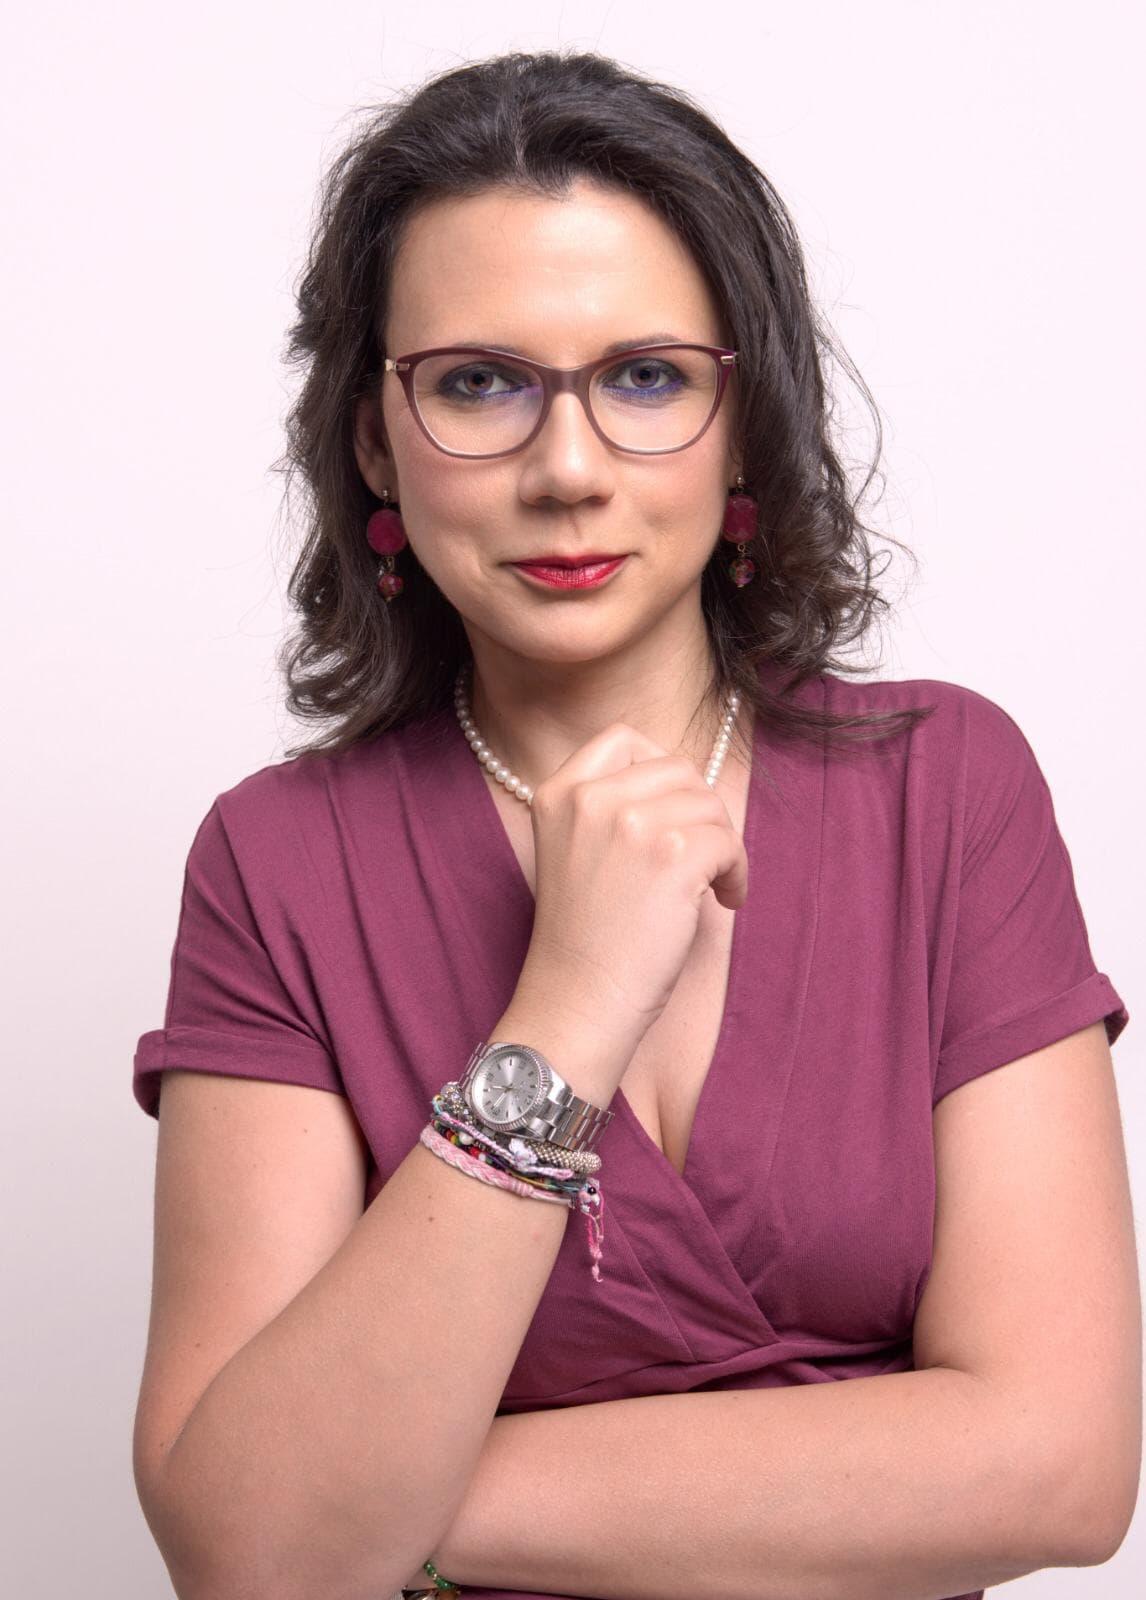 Sarah Donzuso